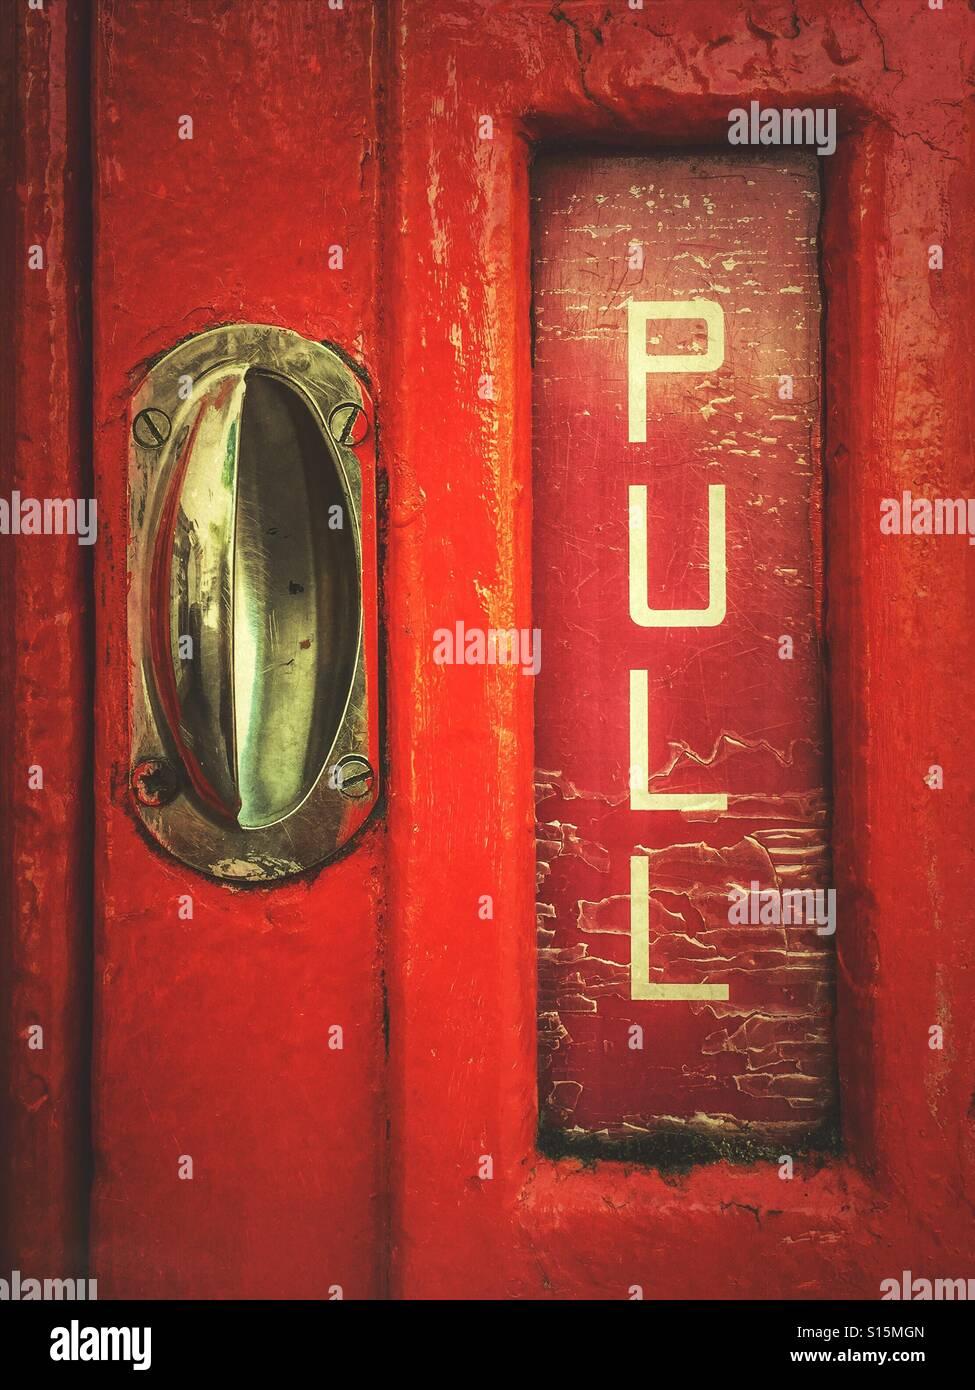 Rote Telefon-Kasten-detail Stockbild